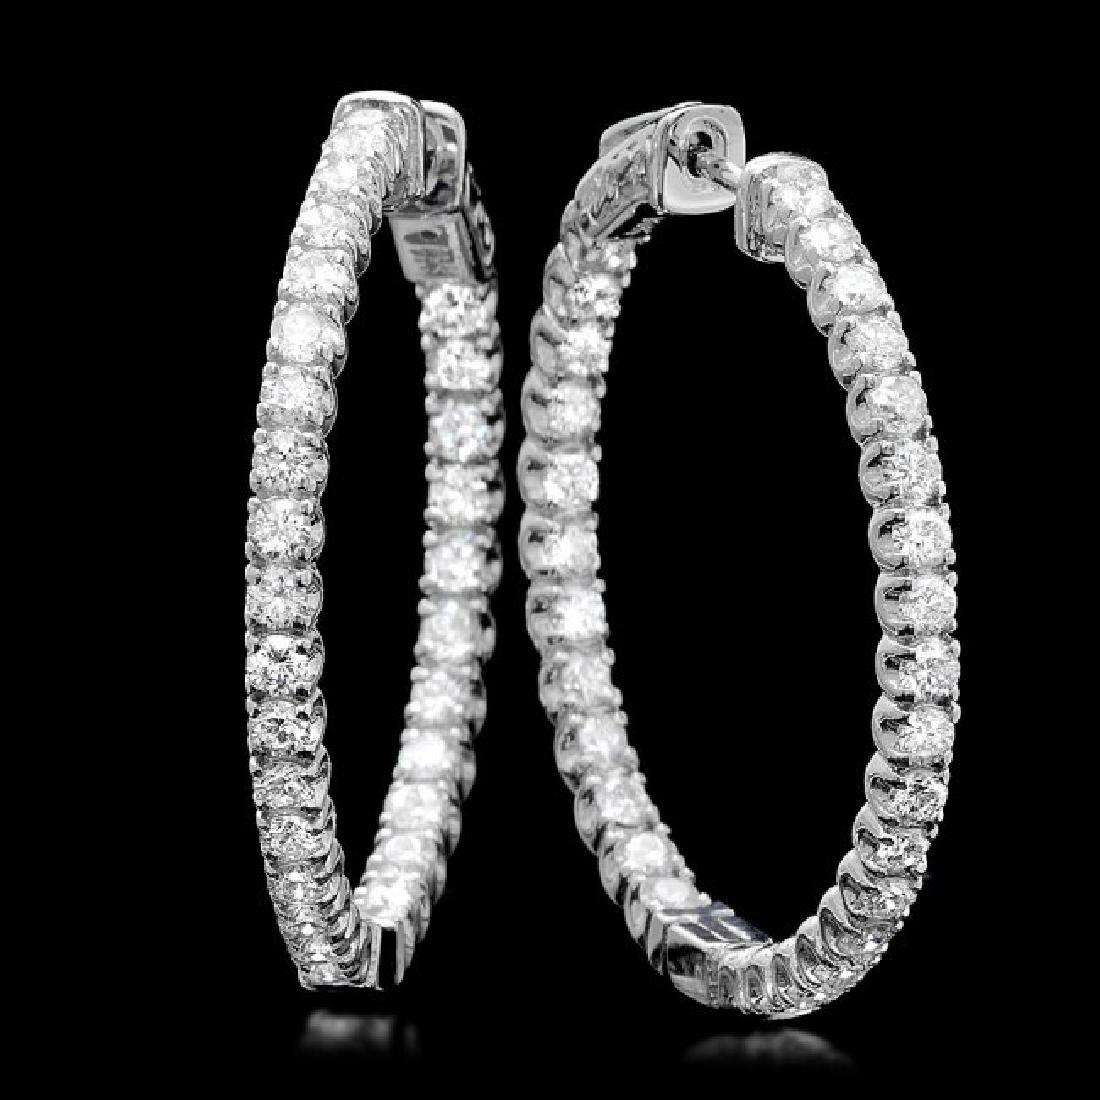 14k White Gold 2.80ct Diamond Earrings